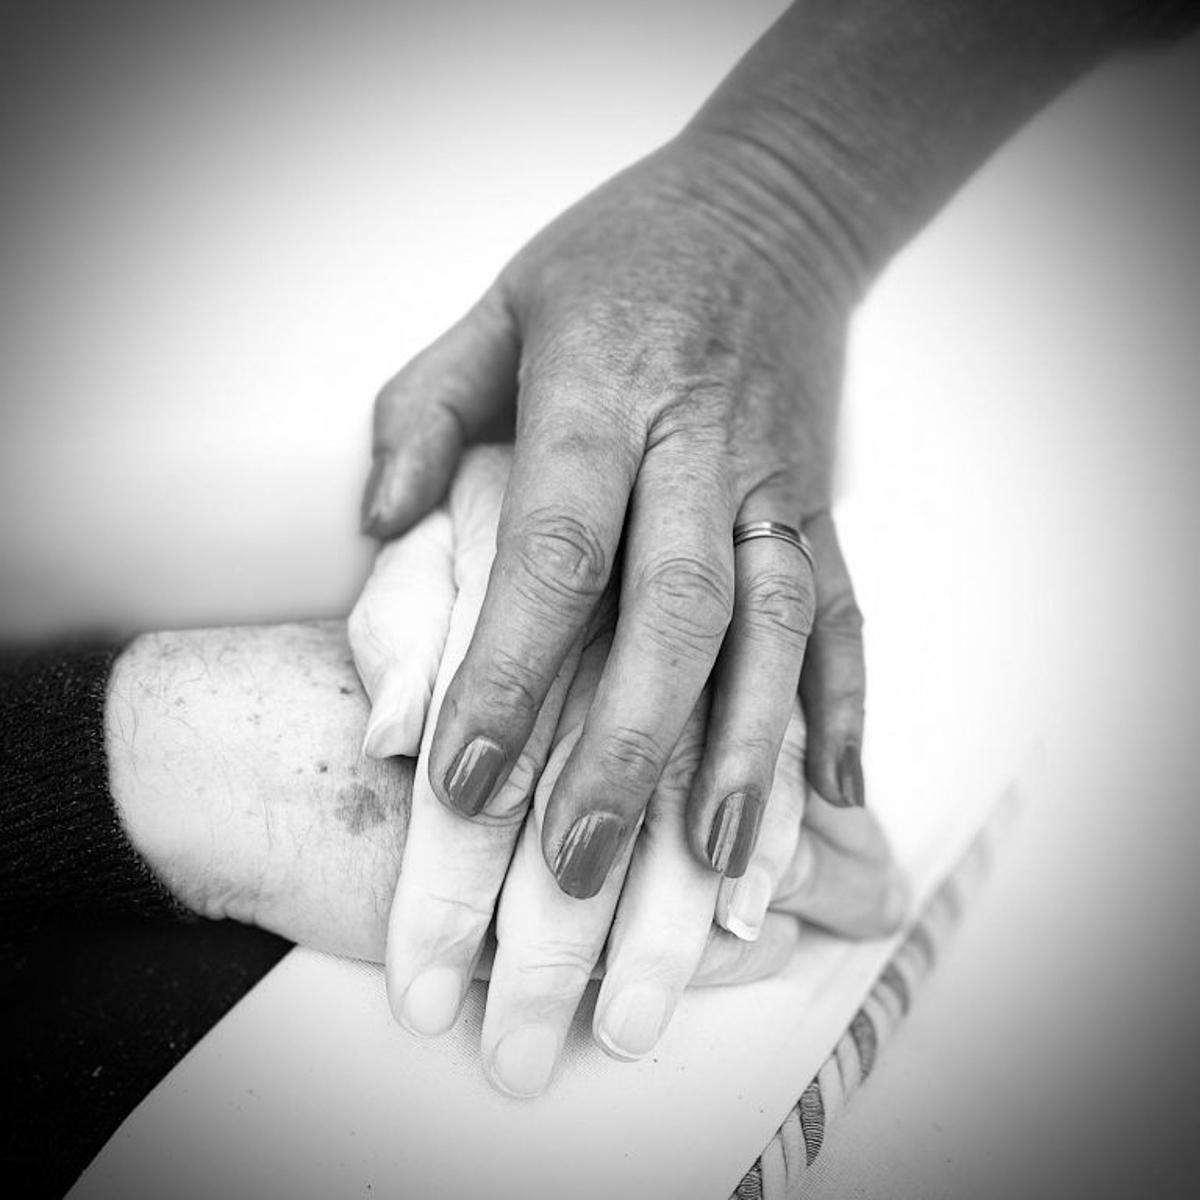 karinwinters mm invoegafbeelding handen